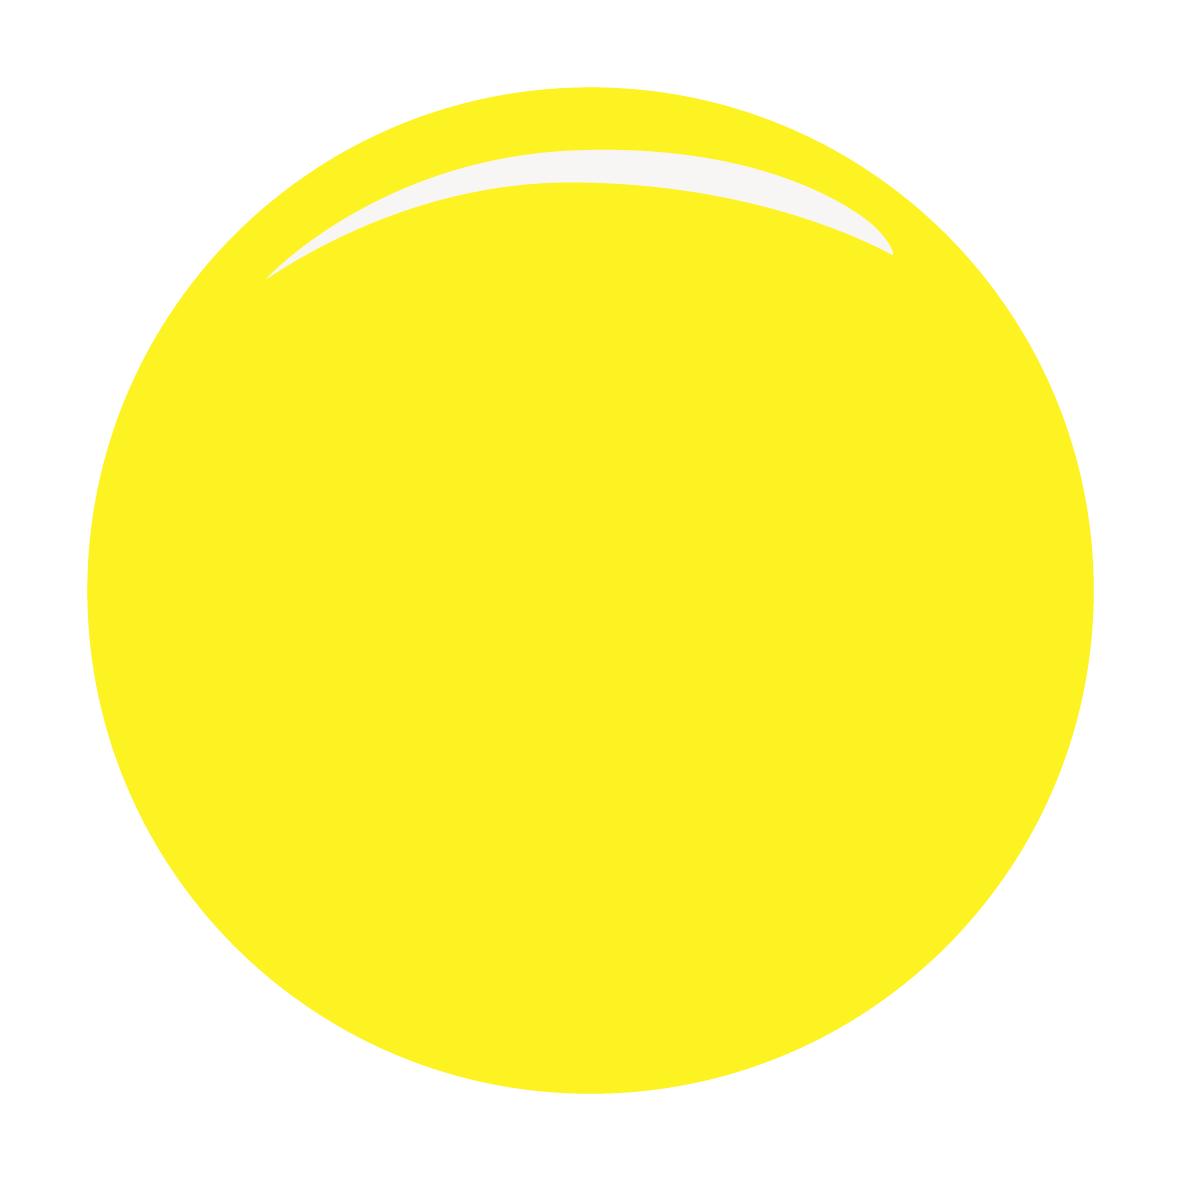 Картинка желтого круга